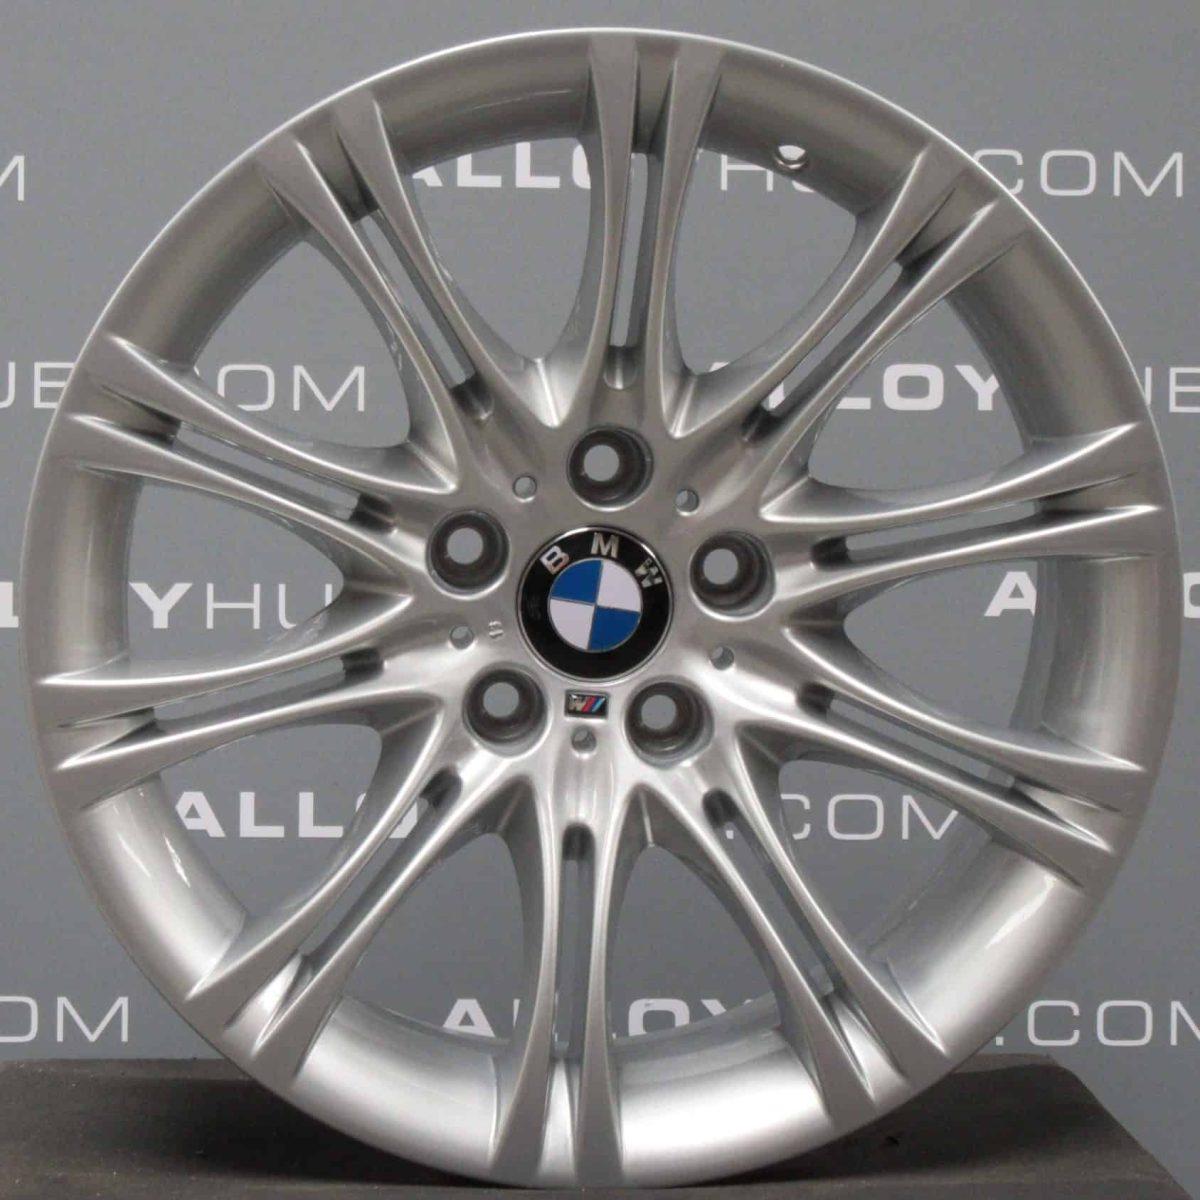 """Genuine BMW Z4 E85 E86 E89 Style 135M Sport MV2 10 Double Spoke 18"""" inch Alloy Wheels with Silver Finish 36117896470 36117896490"""